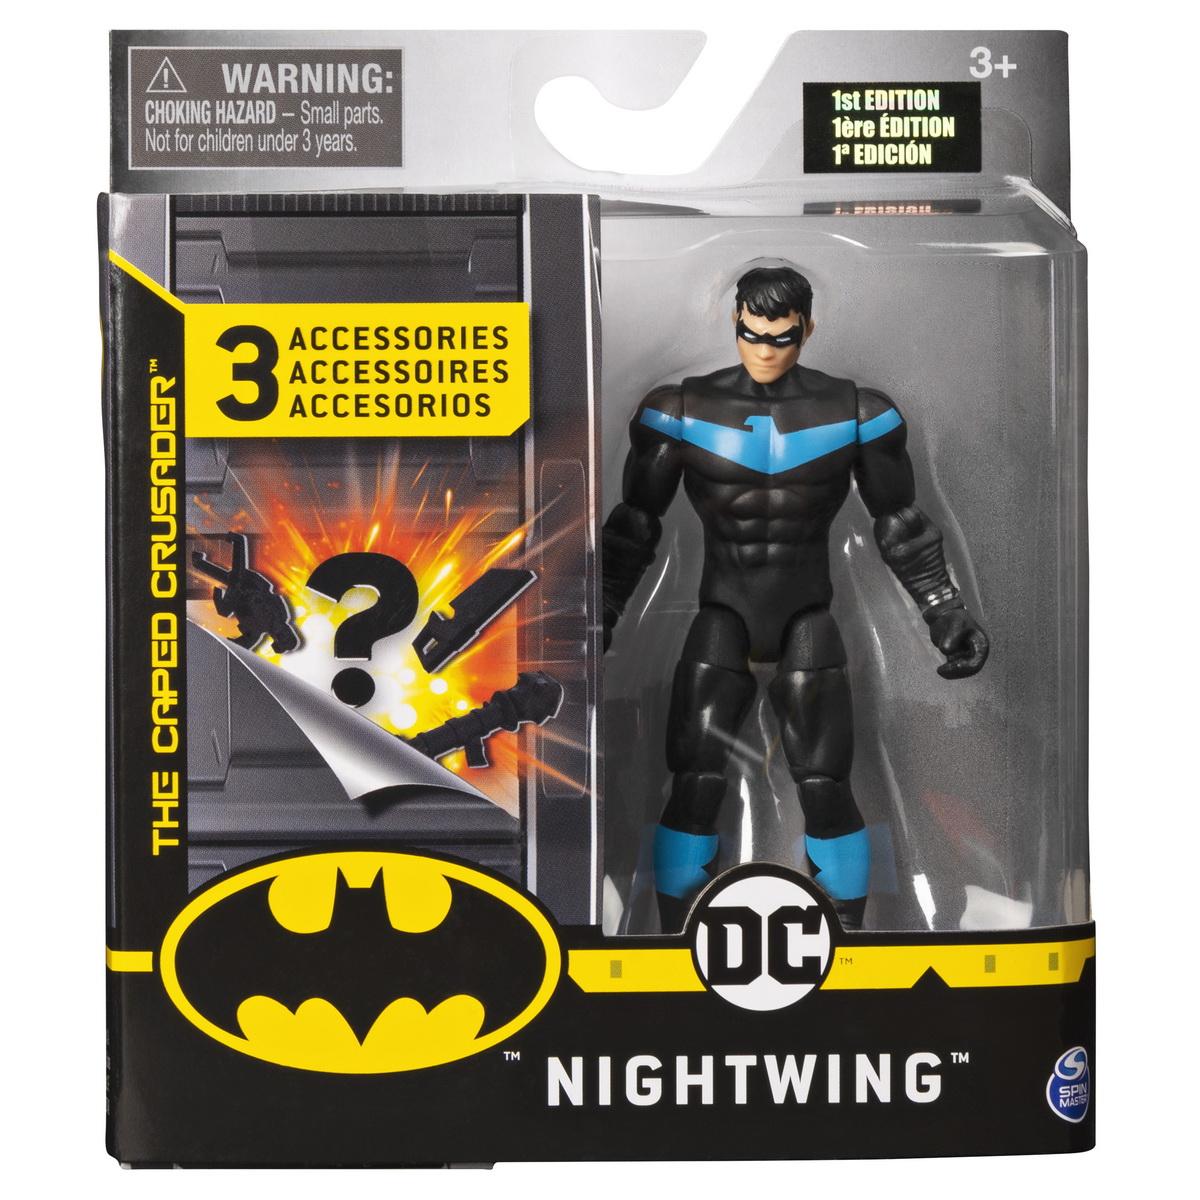 Figurina Nightwing 10cm Cu 3 Accesorii Surpriza